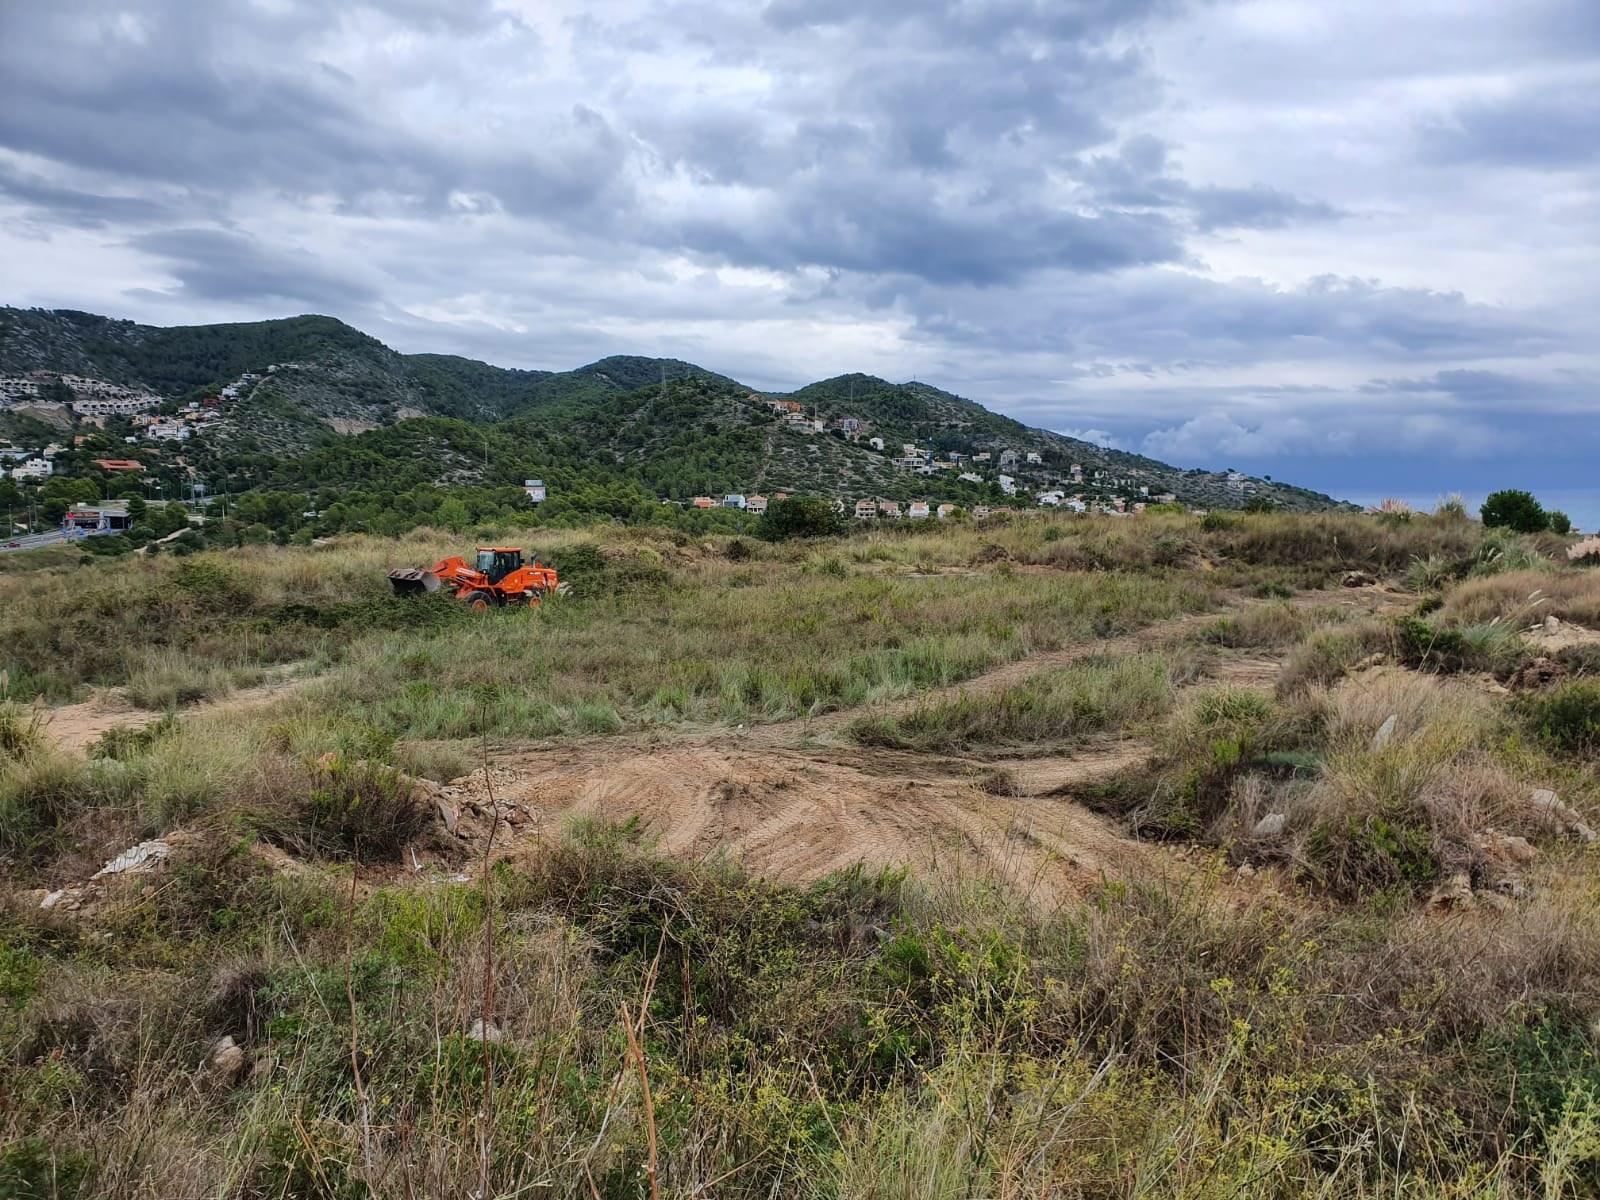 L'Ajuntament inicia les obres de construcció del nou camp esportiu